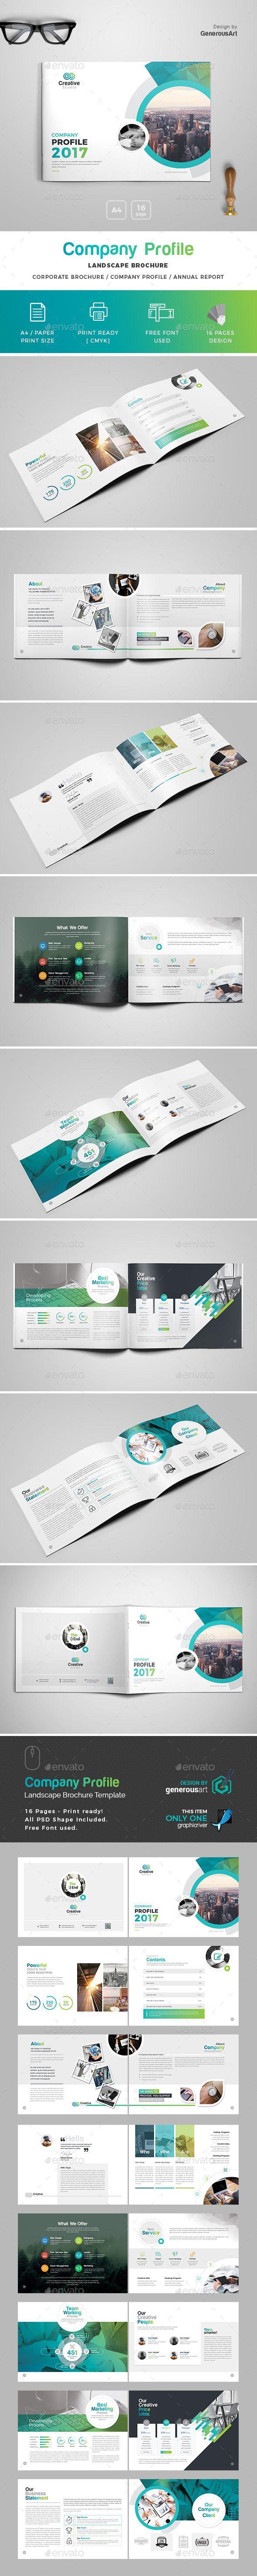 Company Profile Landscape Brochure Template  Company Profile